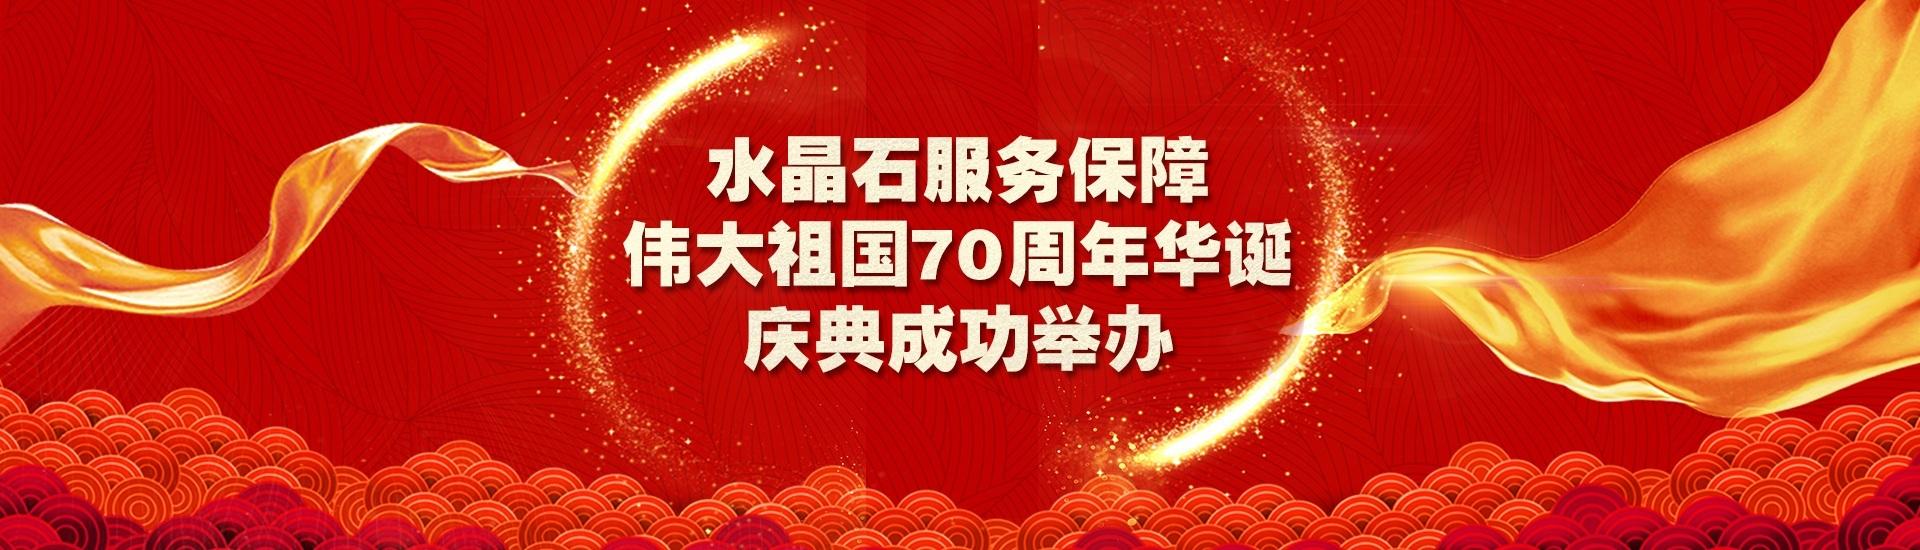 水晶石助力国庆70周年